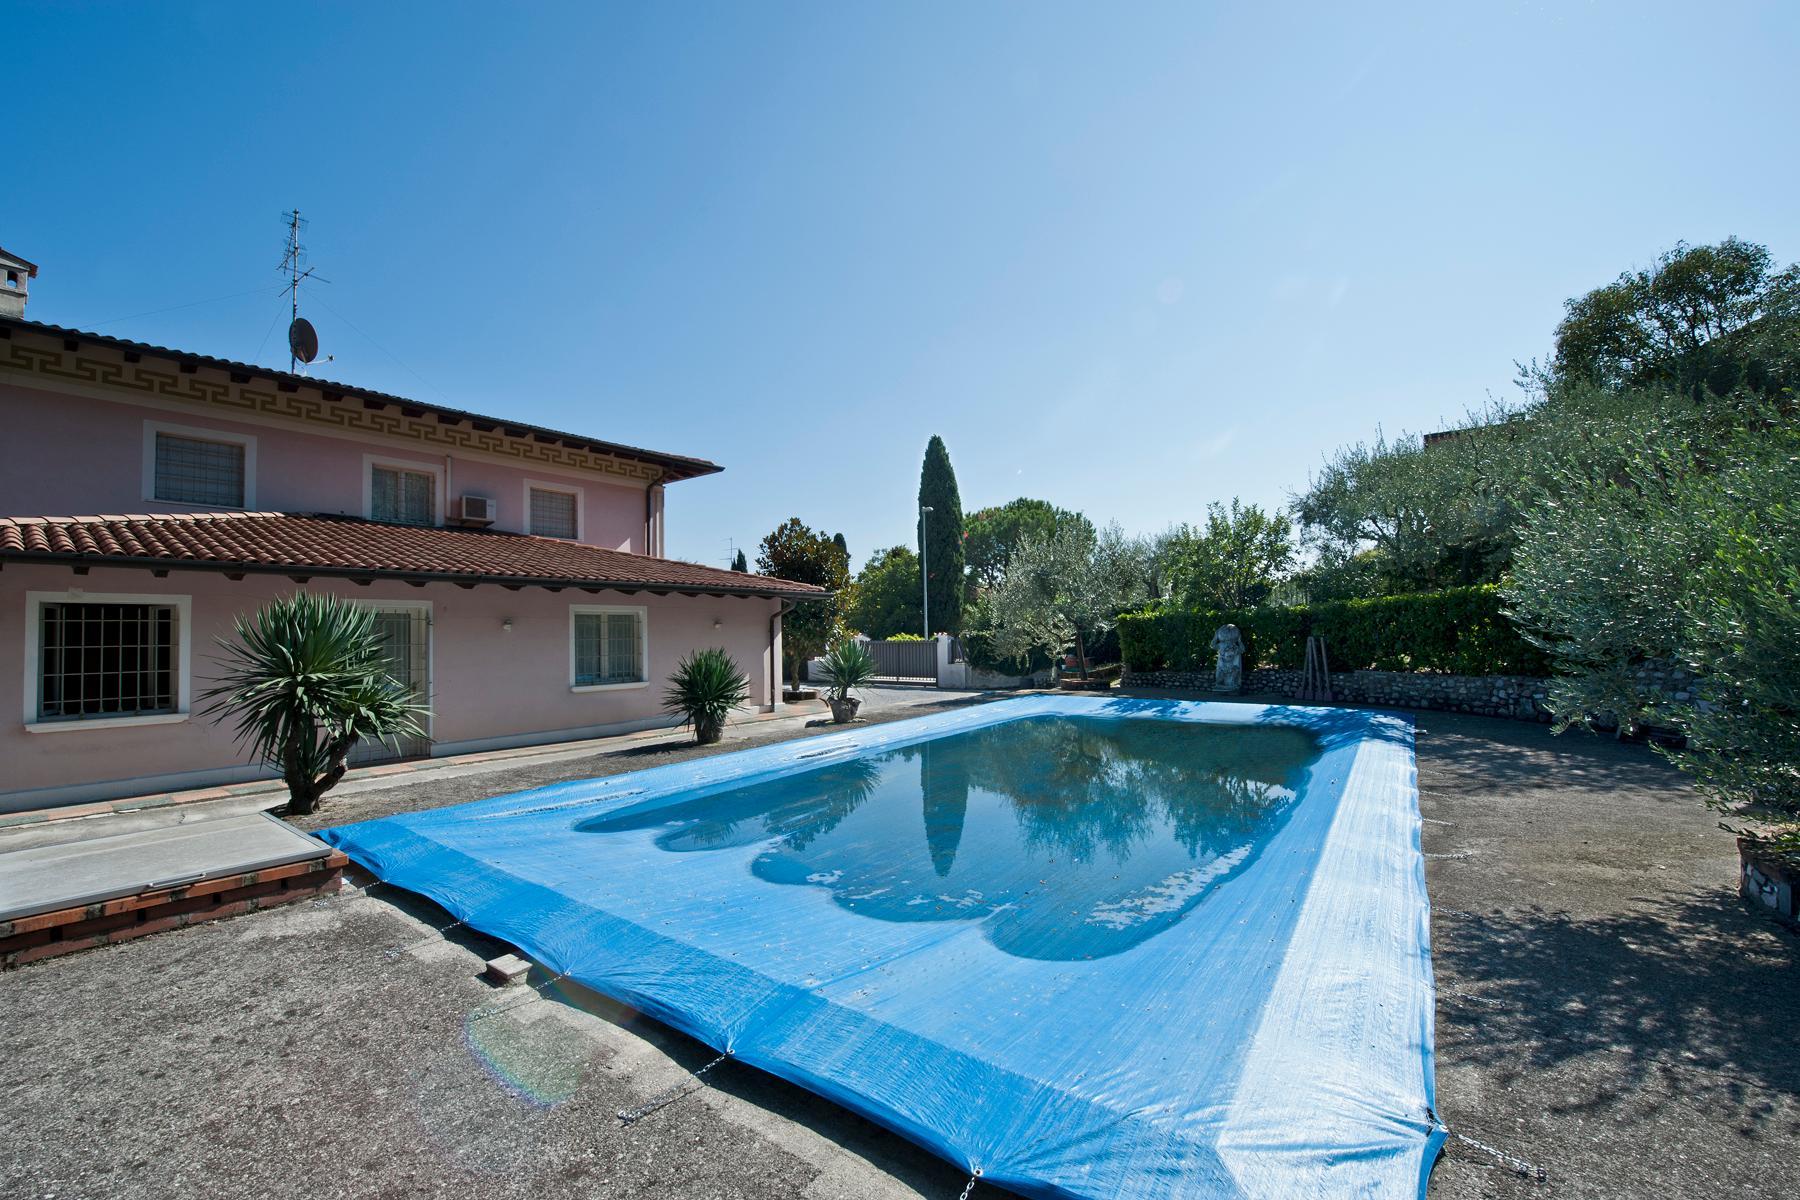 Villa indipendente di charme con piscina ed ampio giardino - 14